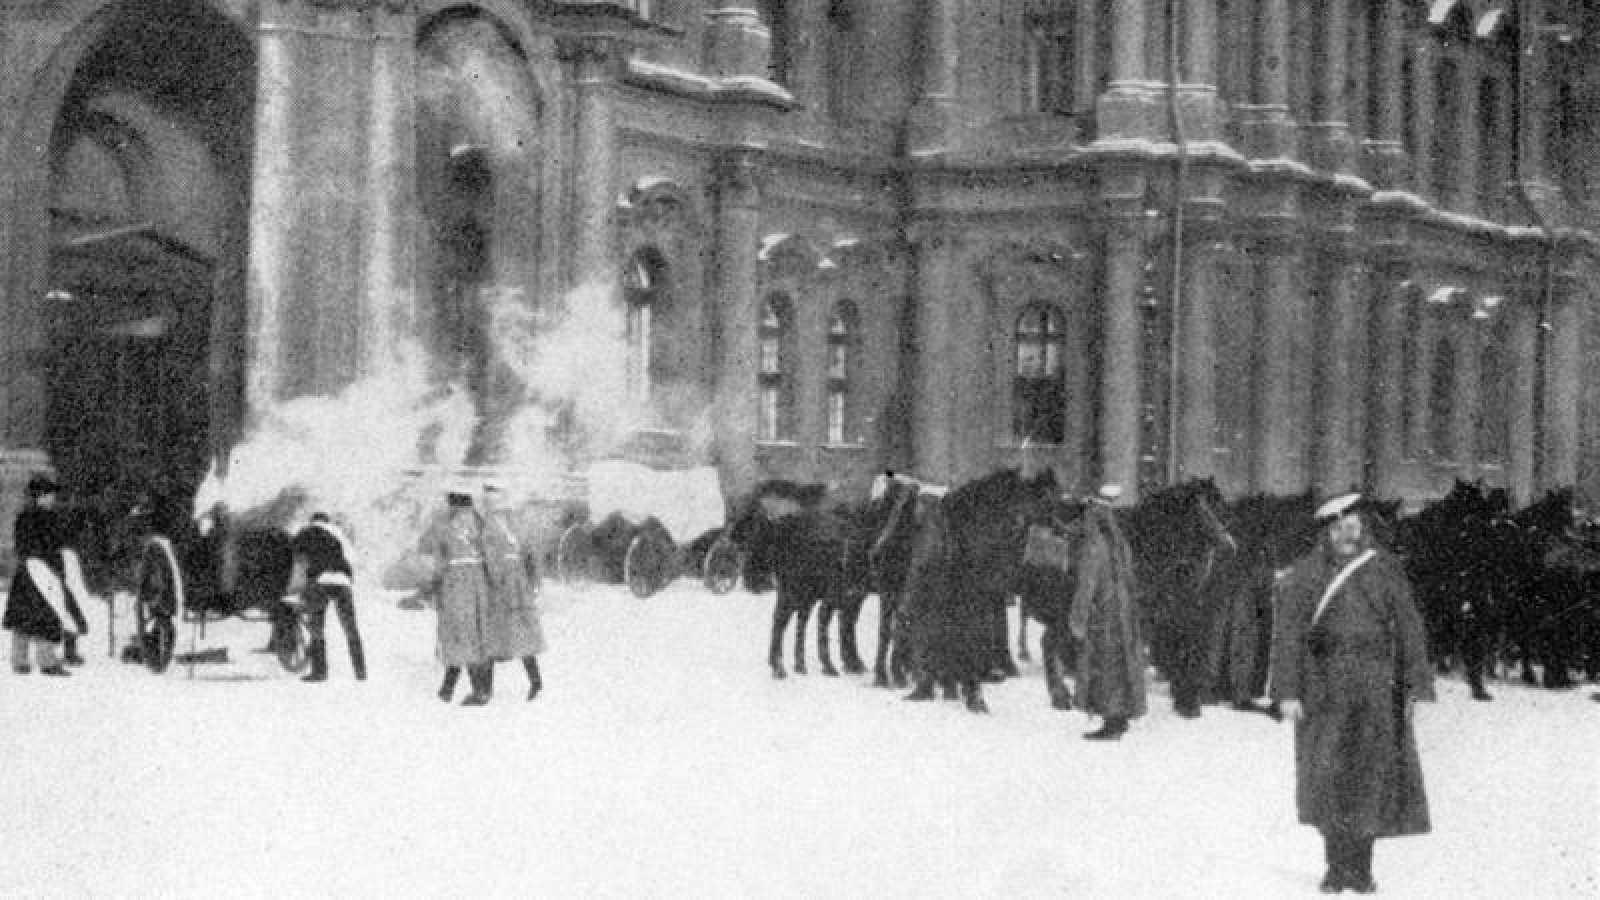 San Petersburgo.- Octubre de 1917. Edificio del palacio de Invierno tras el asalto. (Archivo Efe)